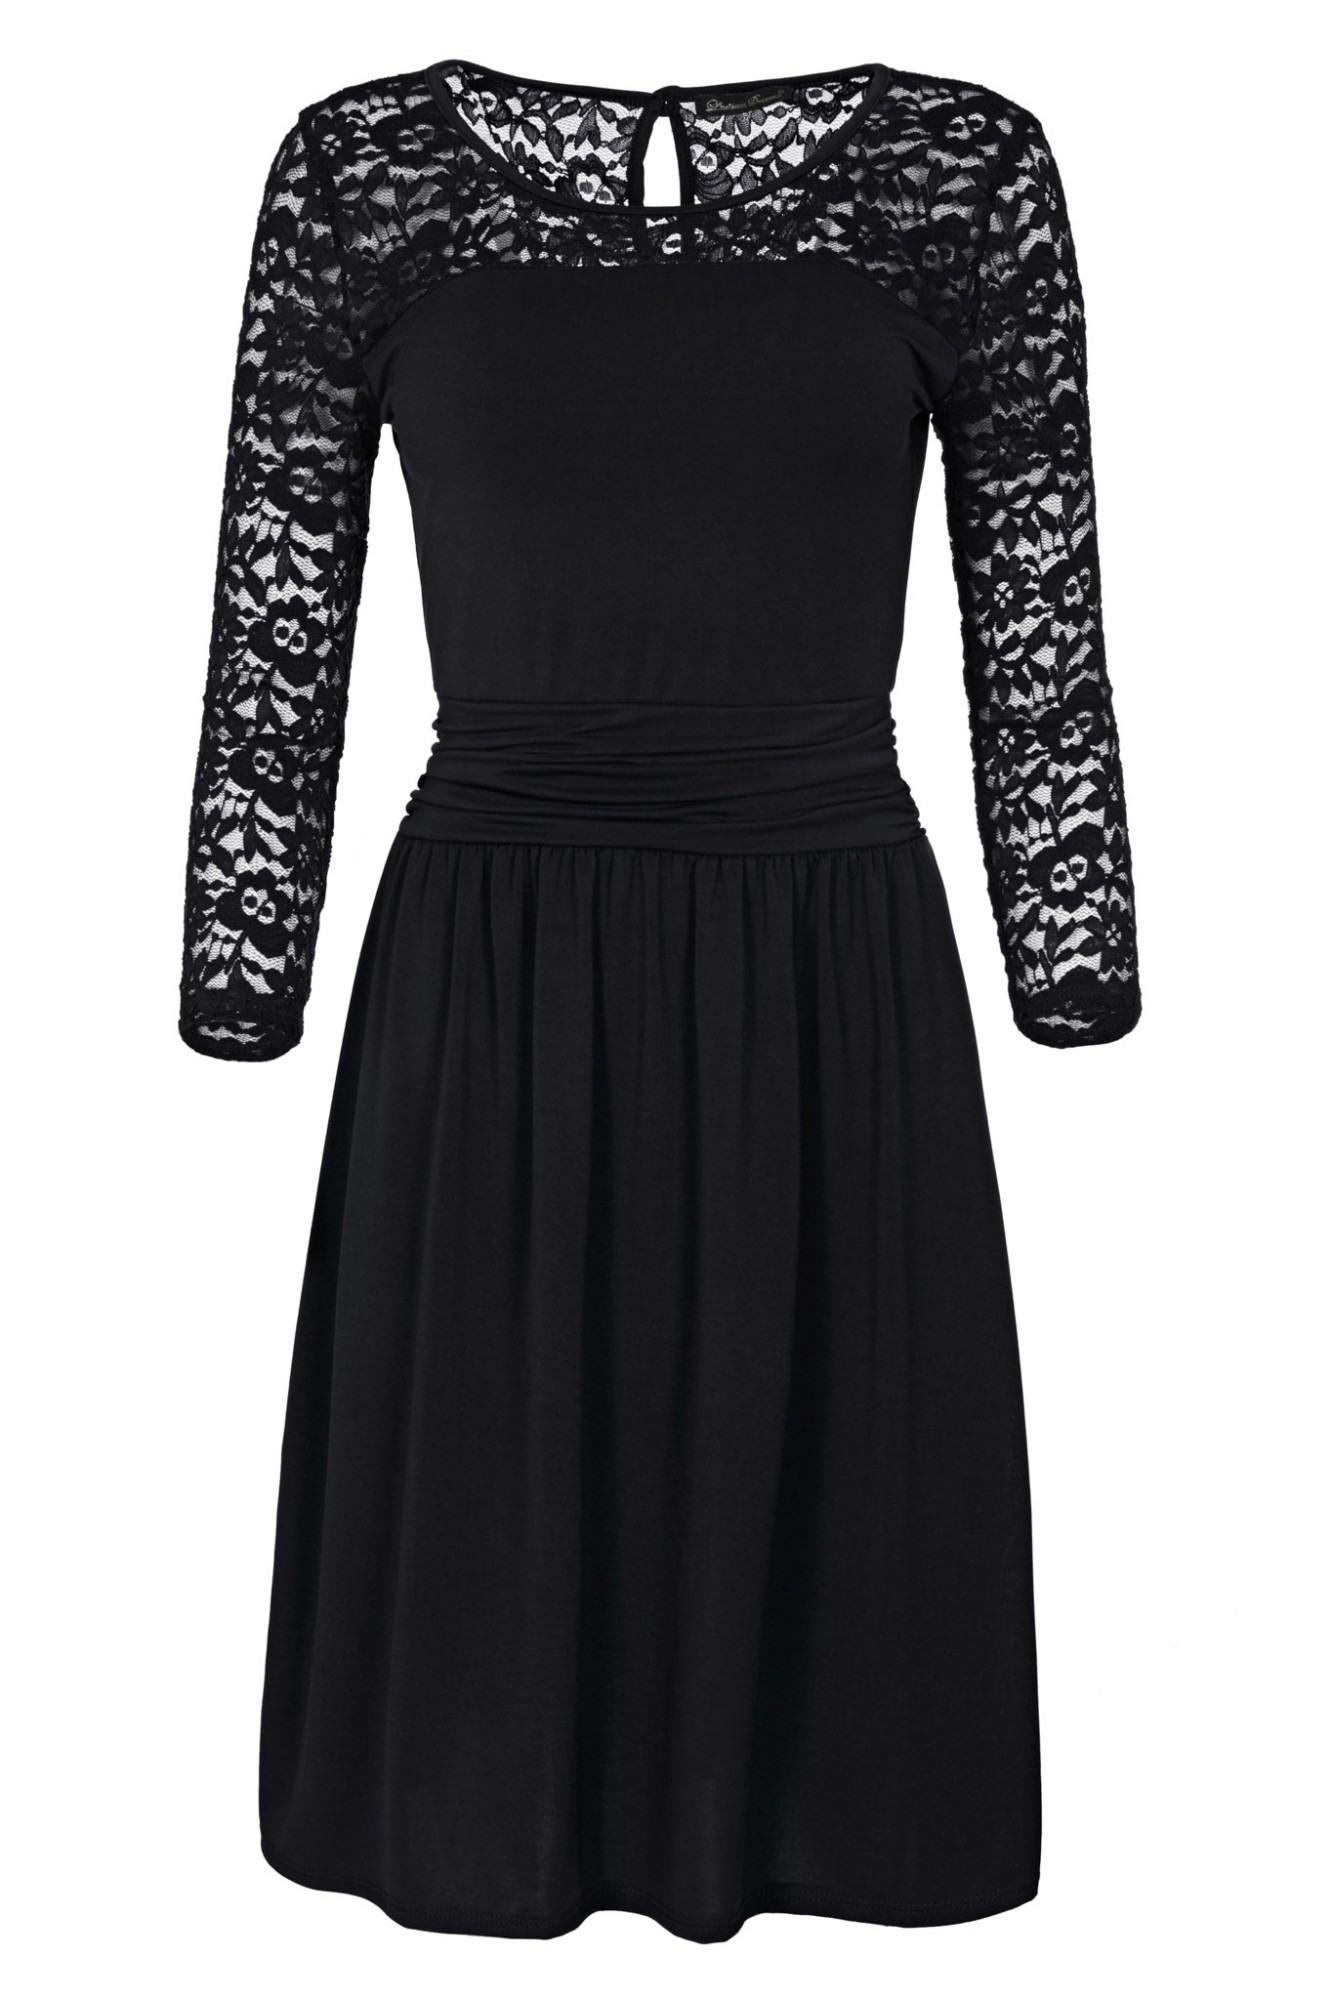 Abend Wunderbar Kleid Mit Spitze Stylish13 Ausgezeichnet Kleid Mit Spitze für 2019